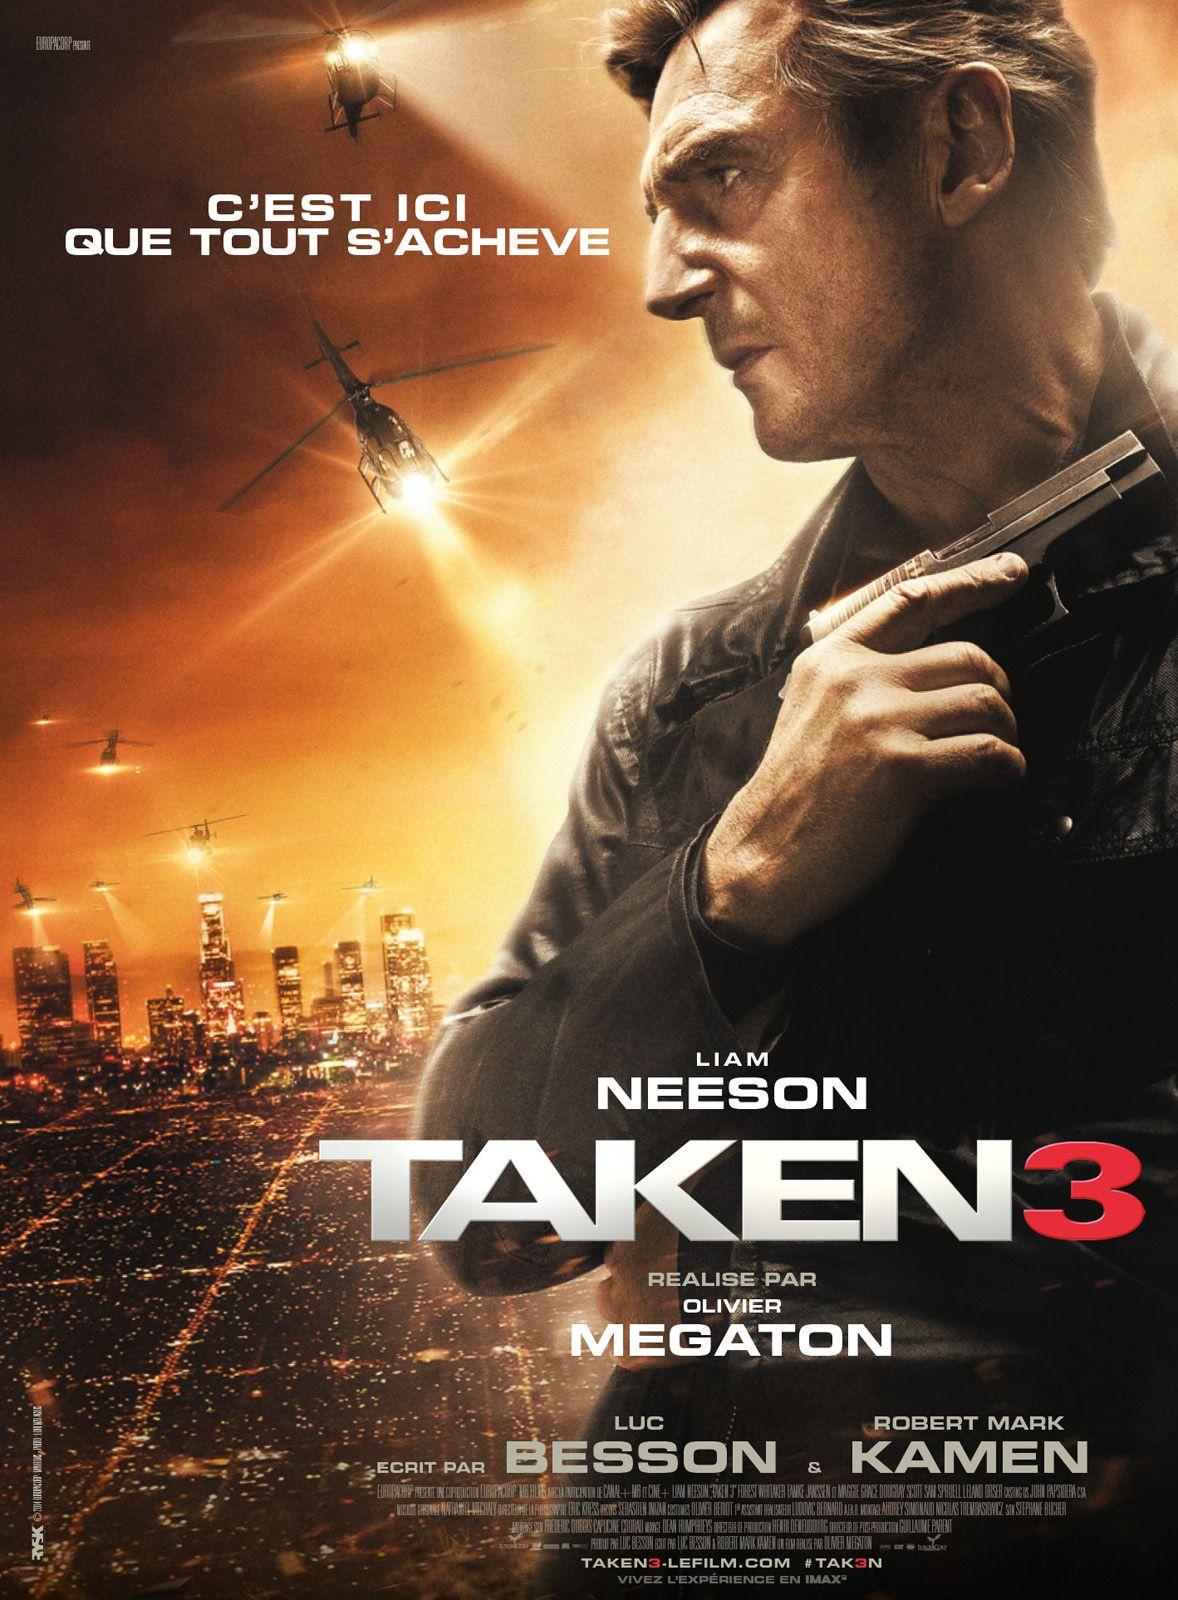 Taken 3 Un Dernier Opus Digne D Une Serie B 10 20 Et Encore Grace Aux 3 Acteurs Principaux Liam Neeson Film Films Gratuits En Ligne